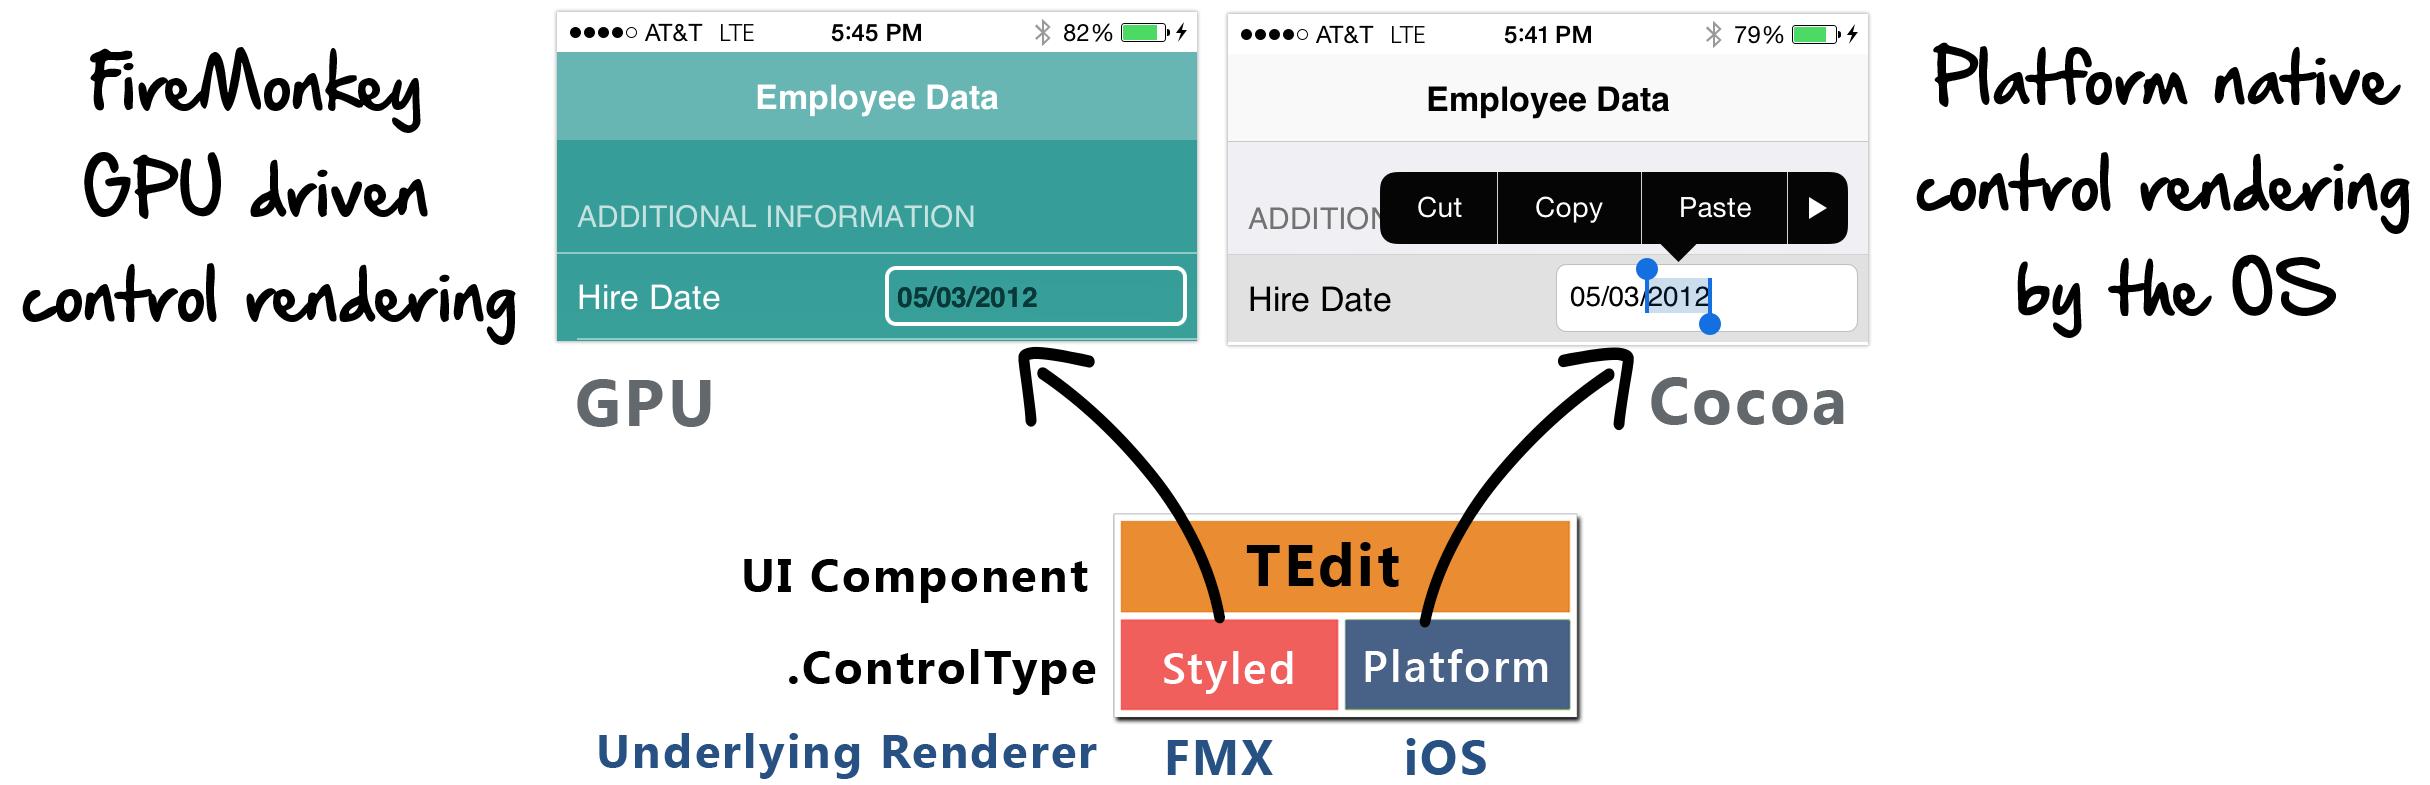 Fire UI: Leading Multi-Device Development - Embarcadero